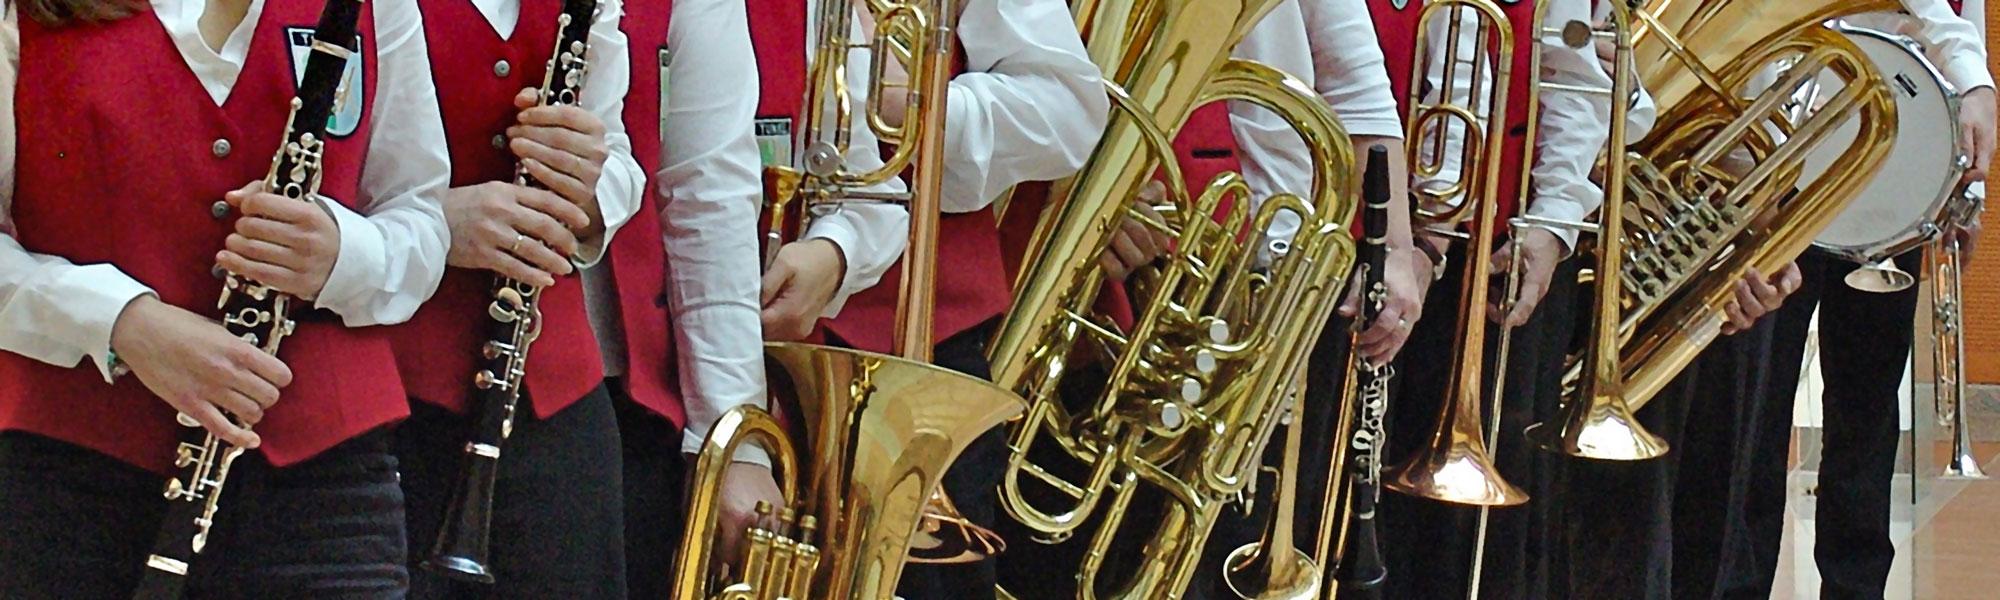 Keynotes & Vorträge zu (blas-)musikalischen Themen